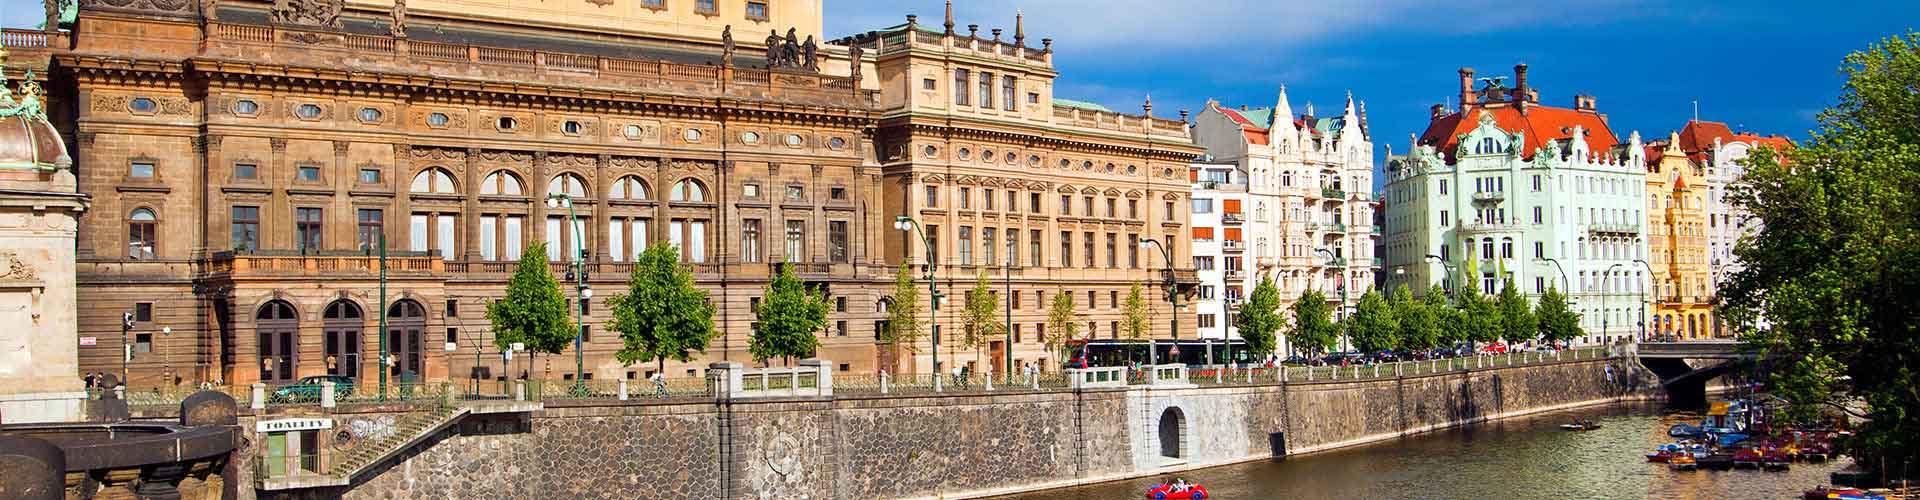 Prague - Chambres près de Théâtre National. Cartes pour Prague, photos et commentaires pour chaque chambre à Prague.